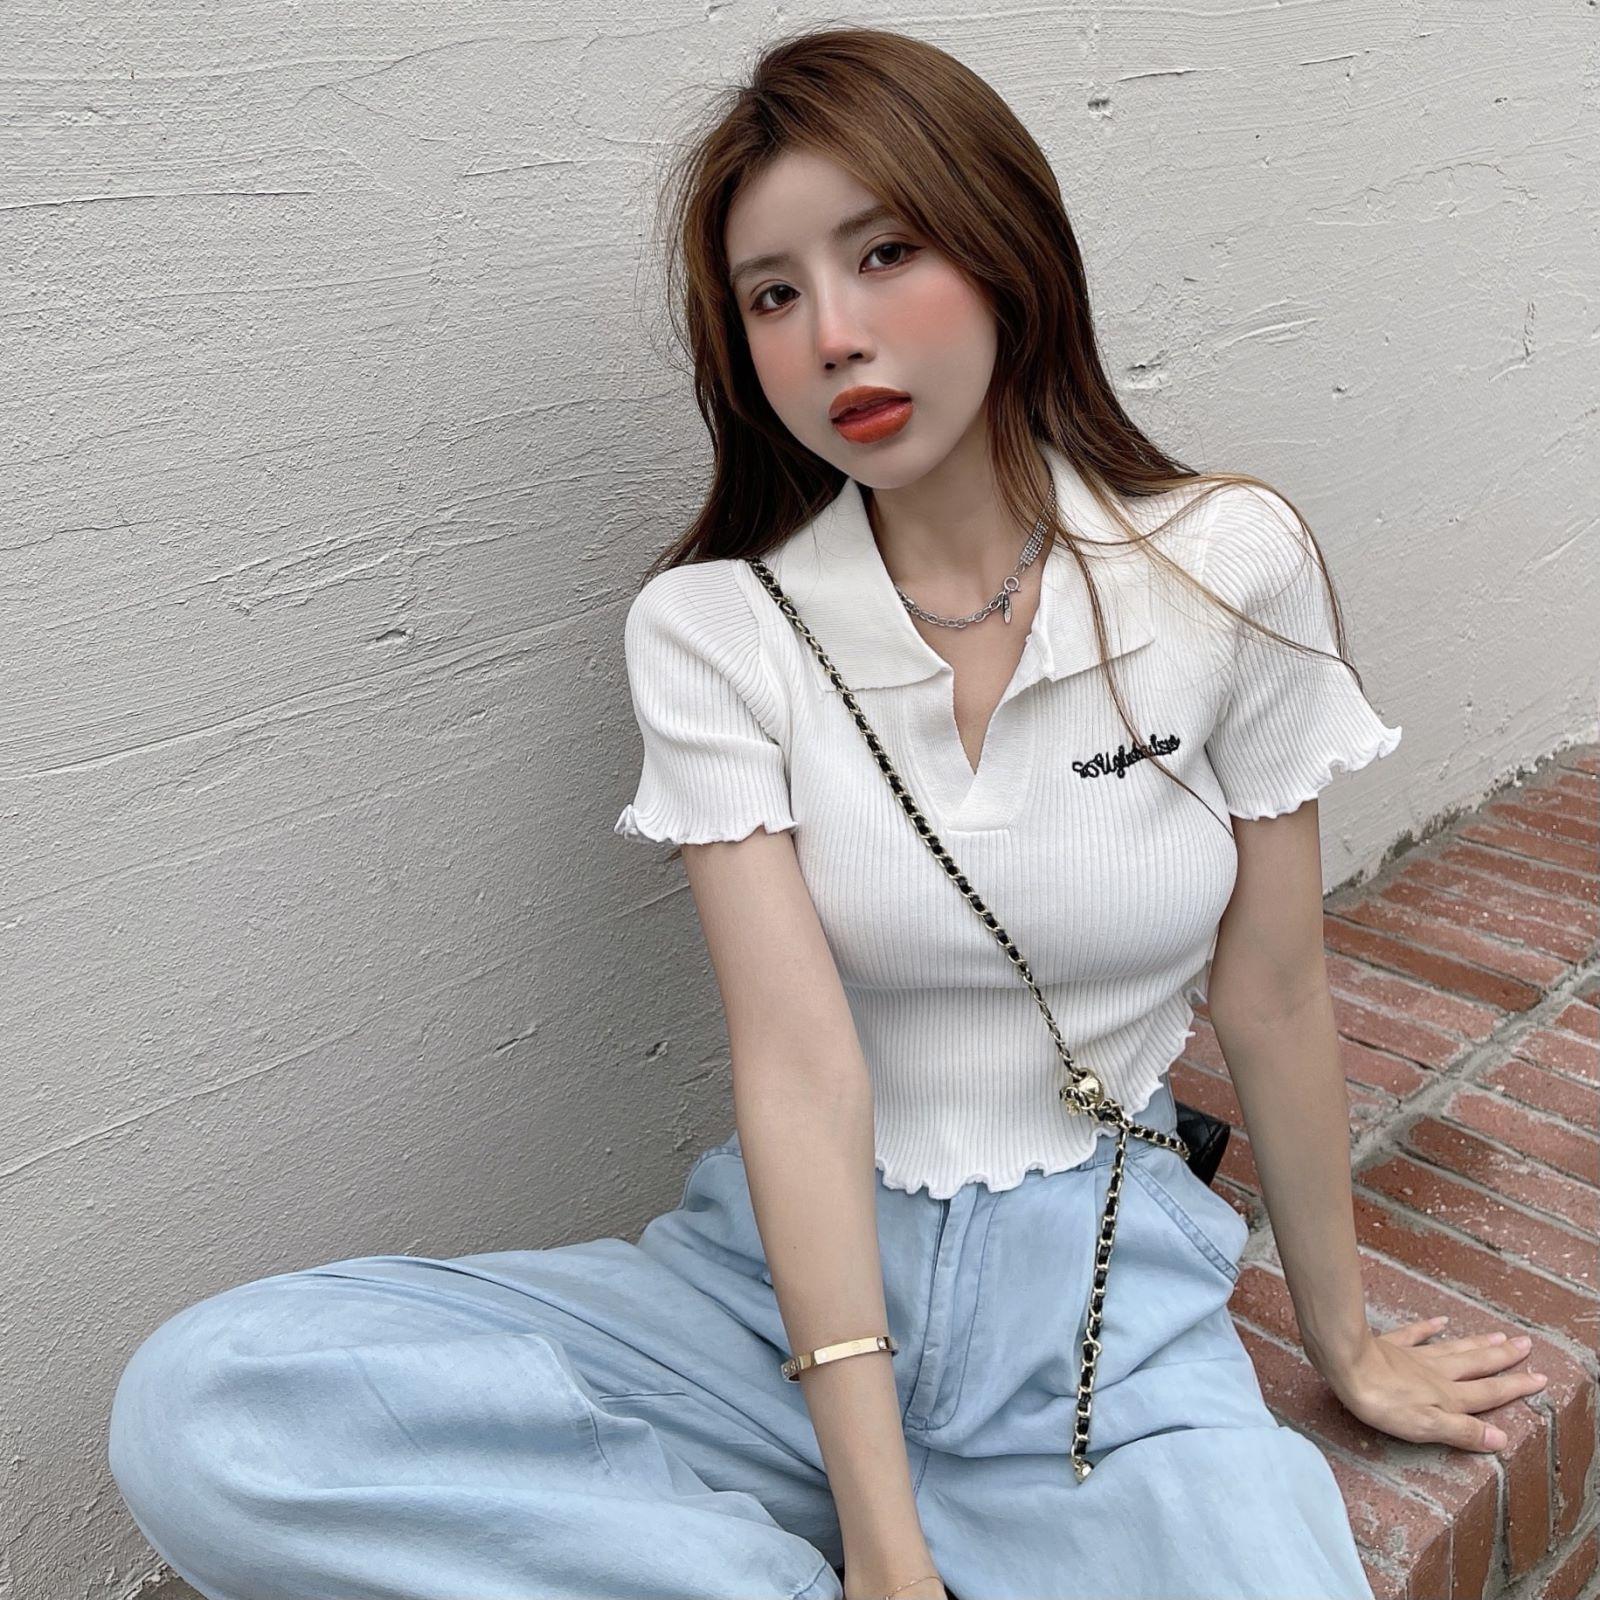 韓国 ファッション トップス Tシャツ カットソー 春 夏 カジュアル PTXK349  スキッパー リブ 襟付き ショート ウェーブ オルチャン シンプル 定番 セレカジの写真5枚目